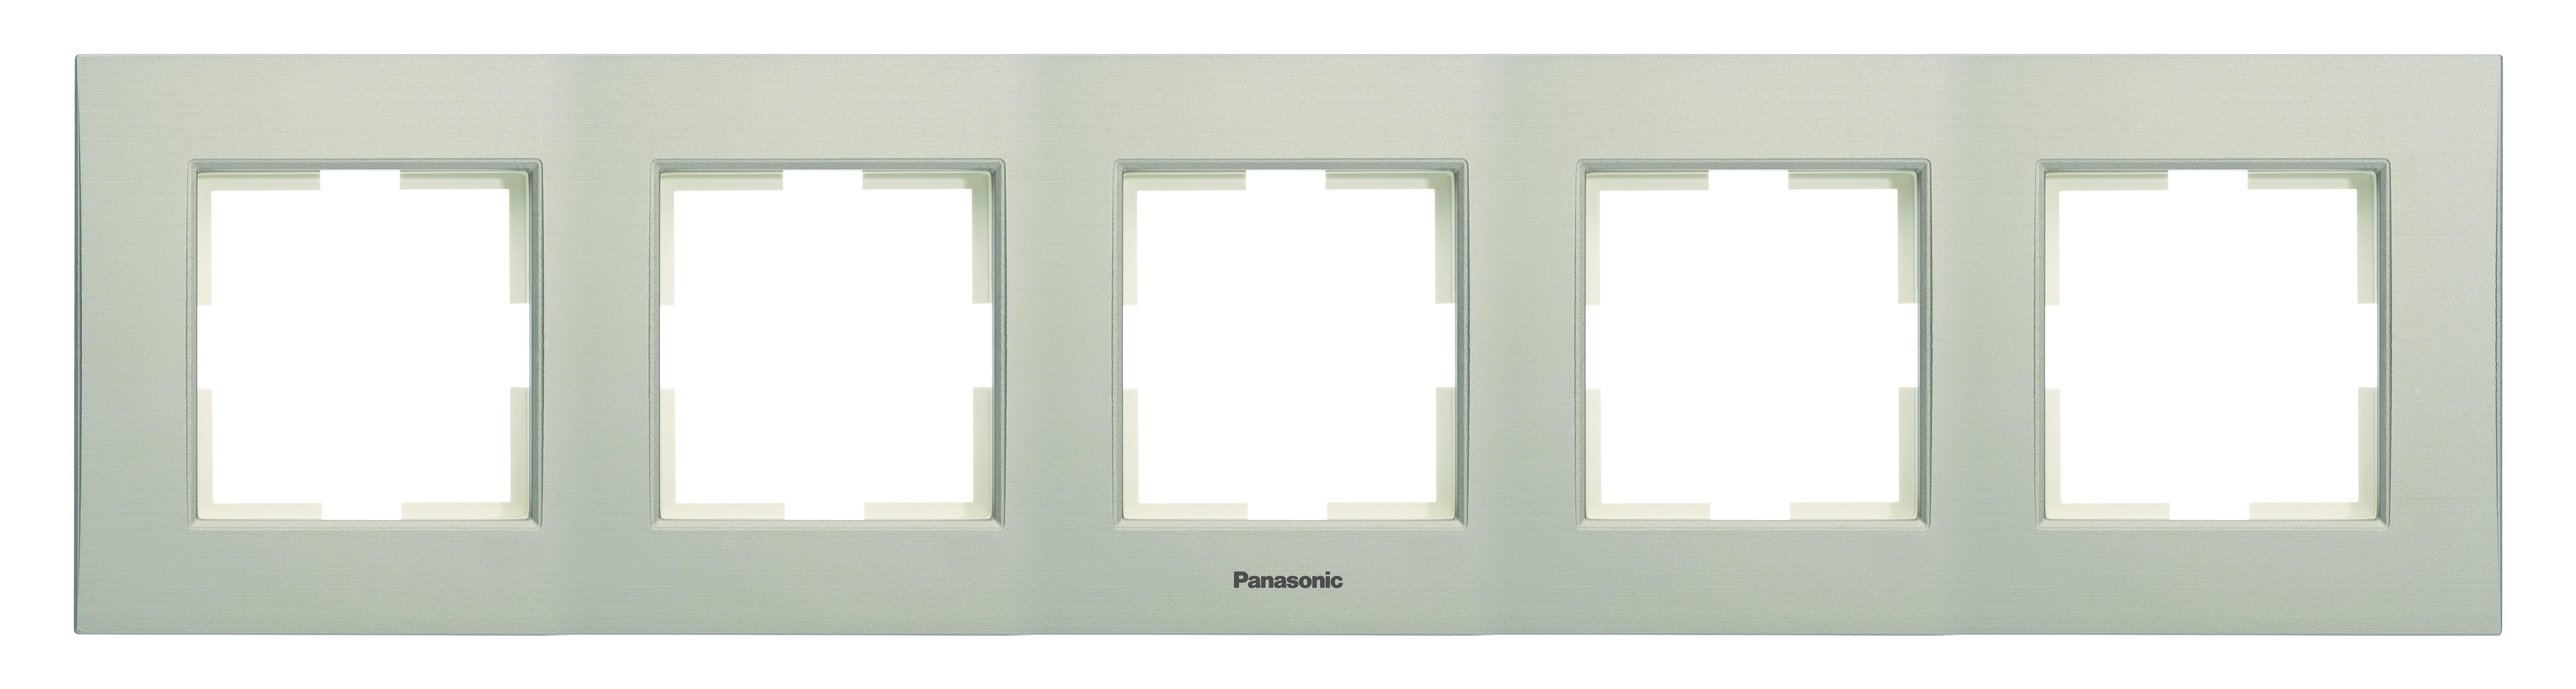 Рамка Panasonic Wktf0805-2br-res karre plus